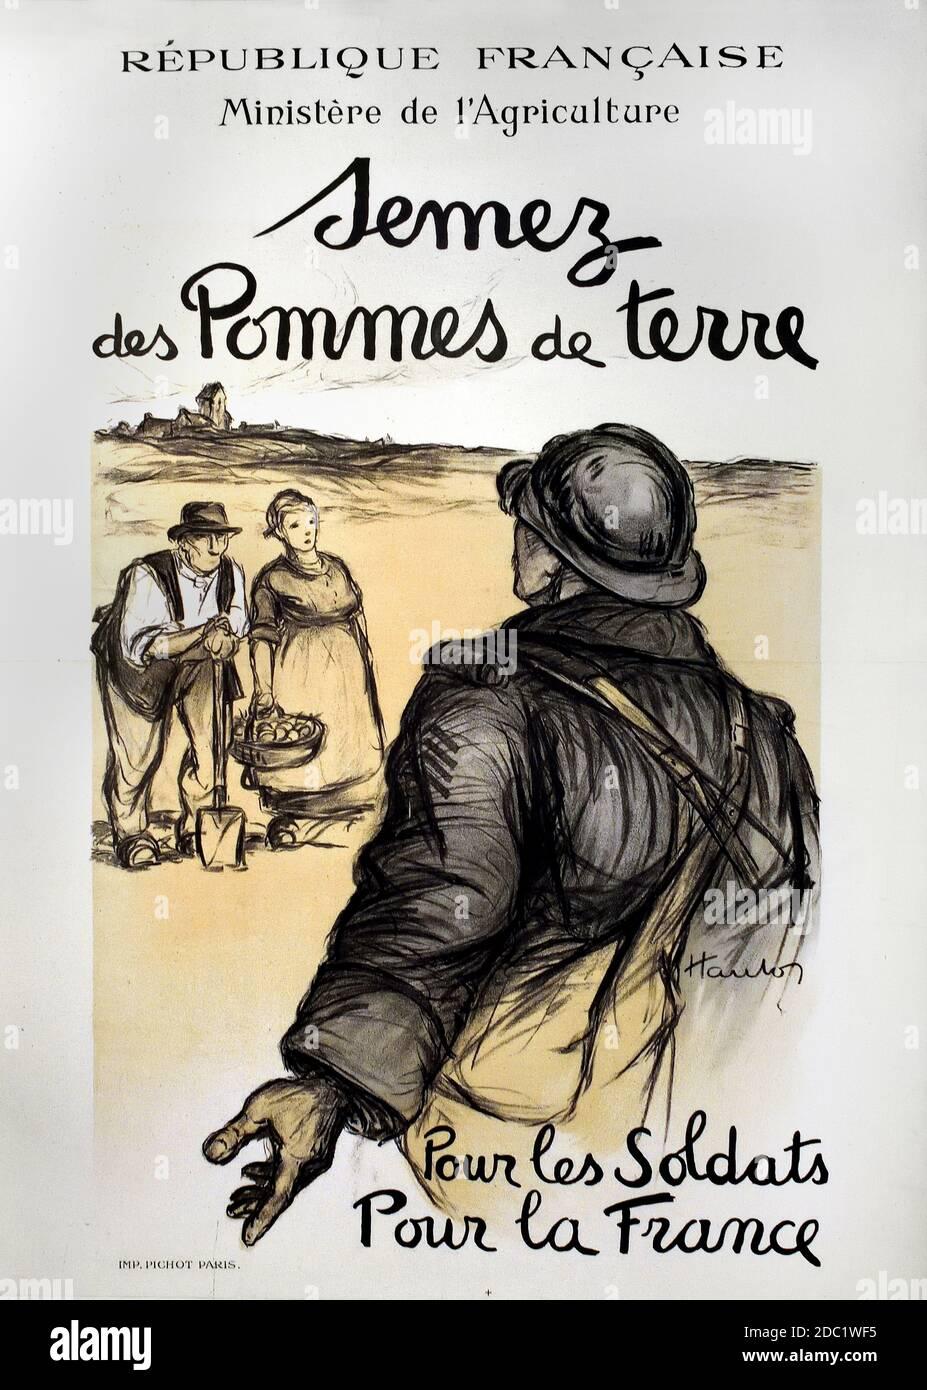 Ministerio de Agricultura - Ministerio de Agricultura. Cultiva patatas. Para los soldados, para Francia, 1915. Francia, francés, alemán, Alemania, Foto de stock